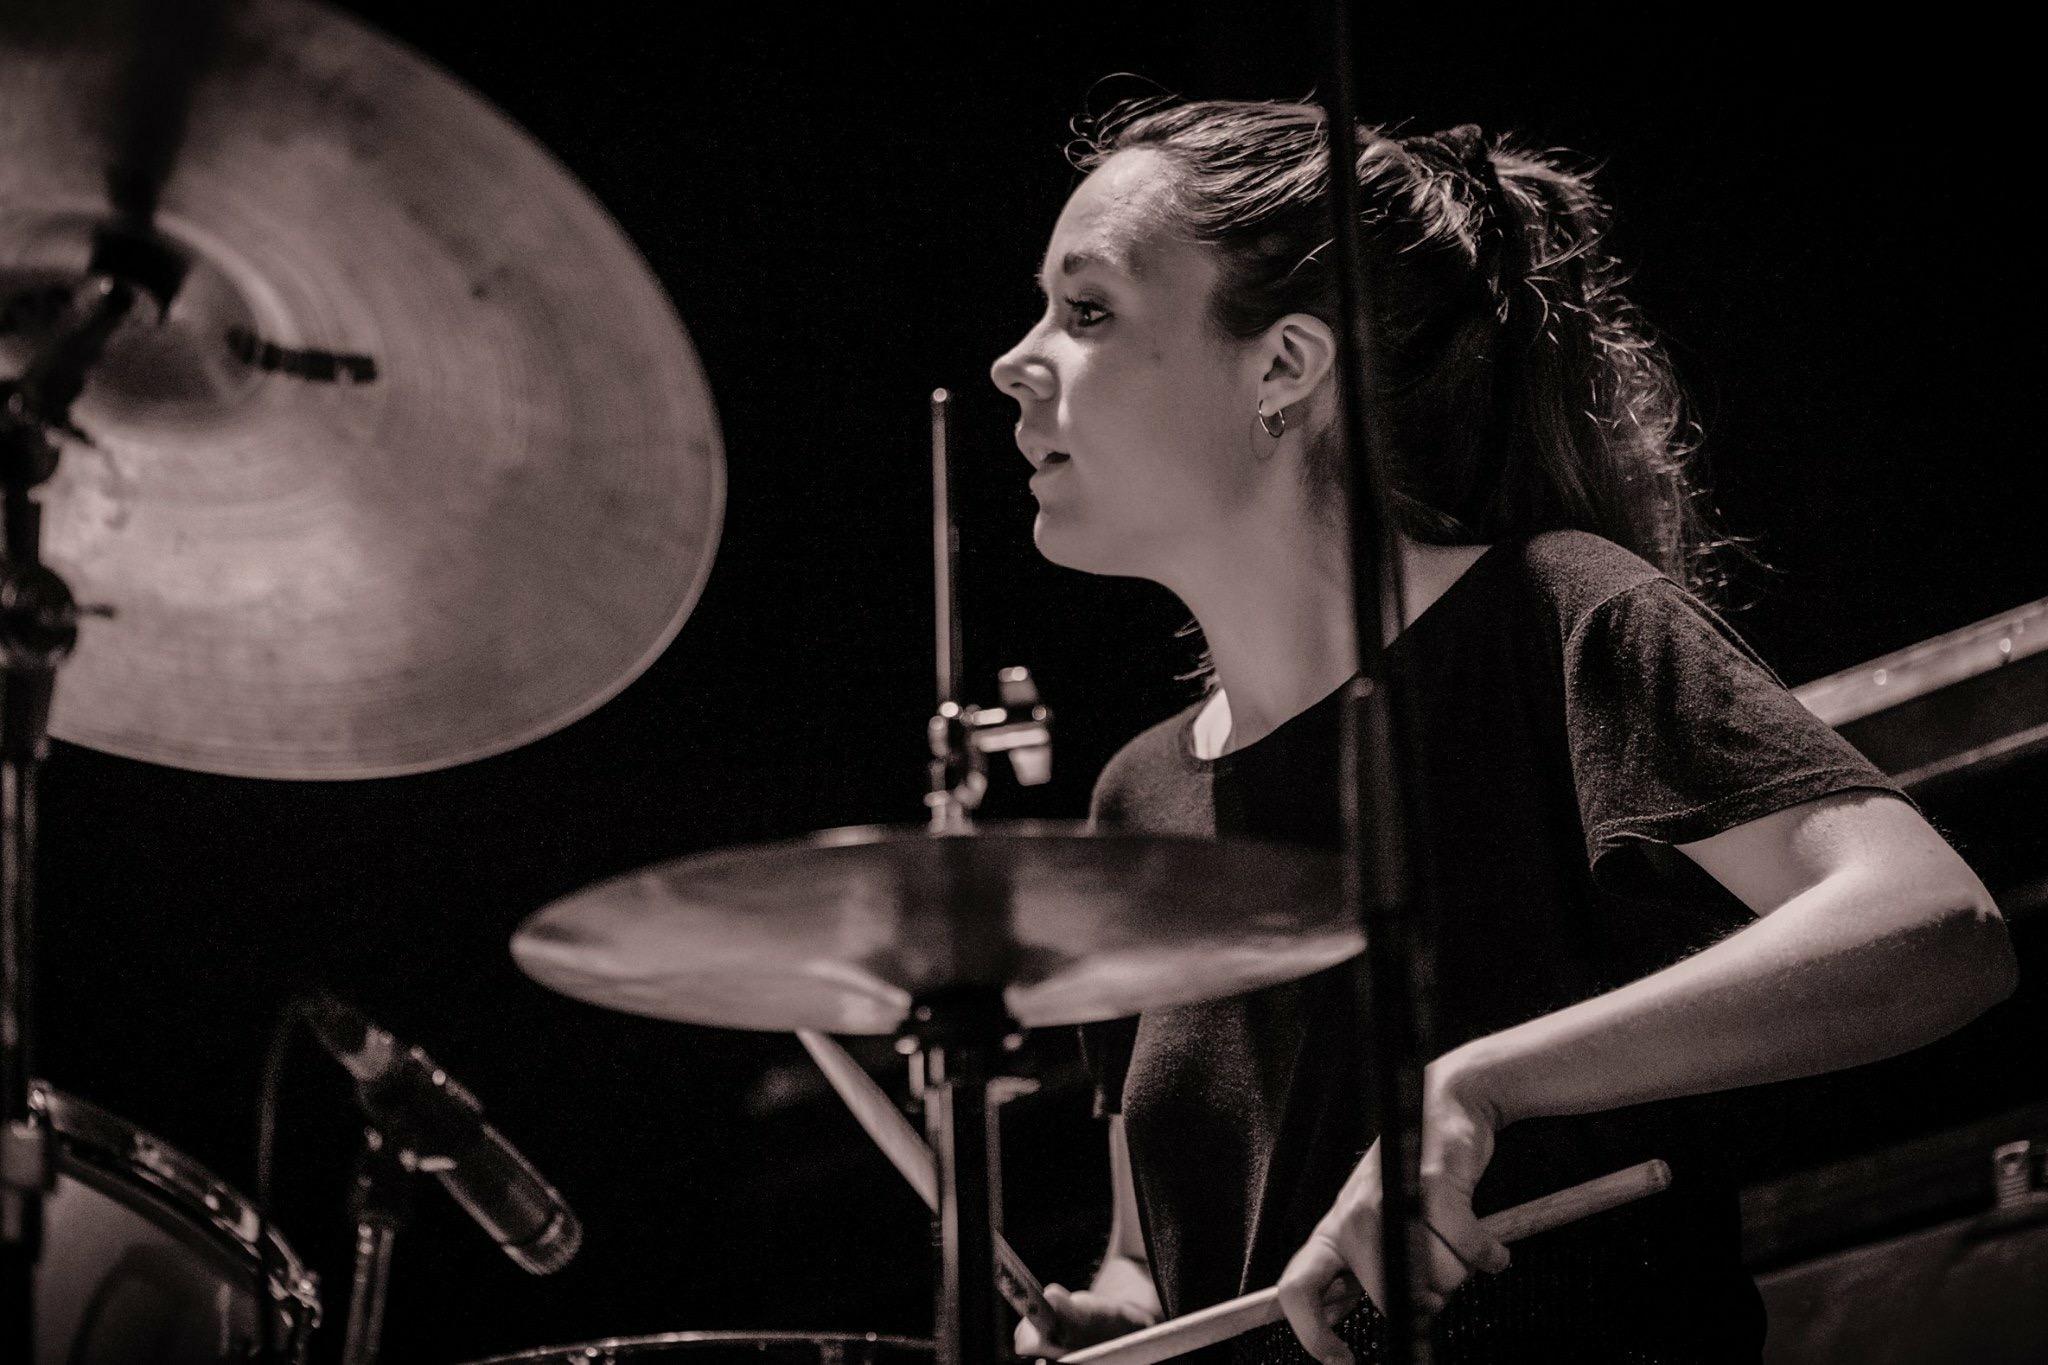 Cornelia Nilsson